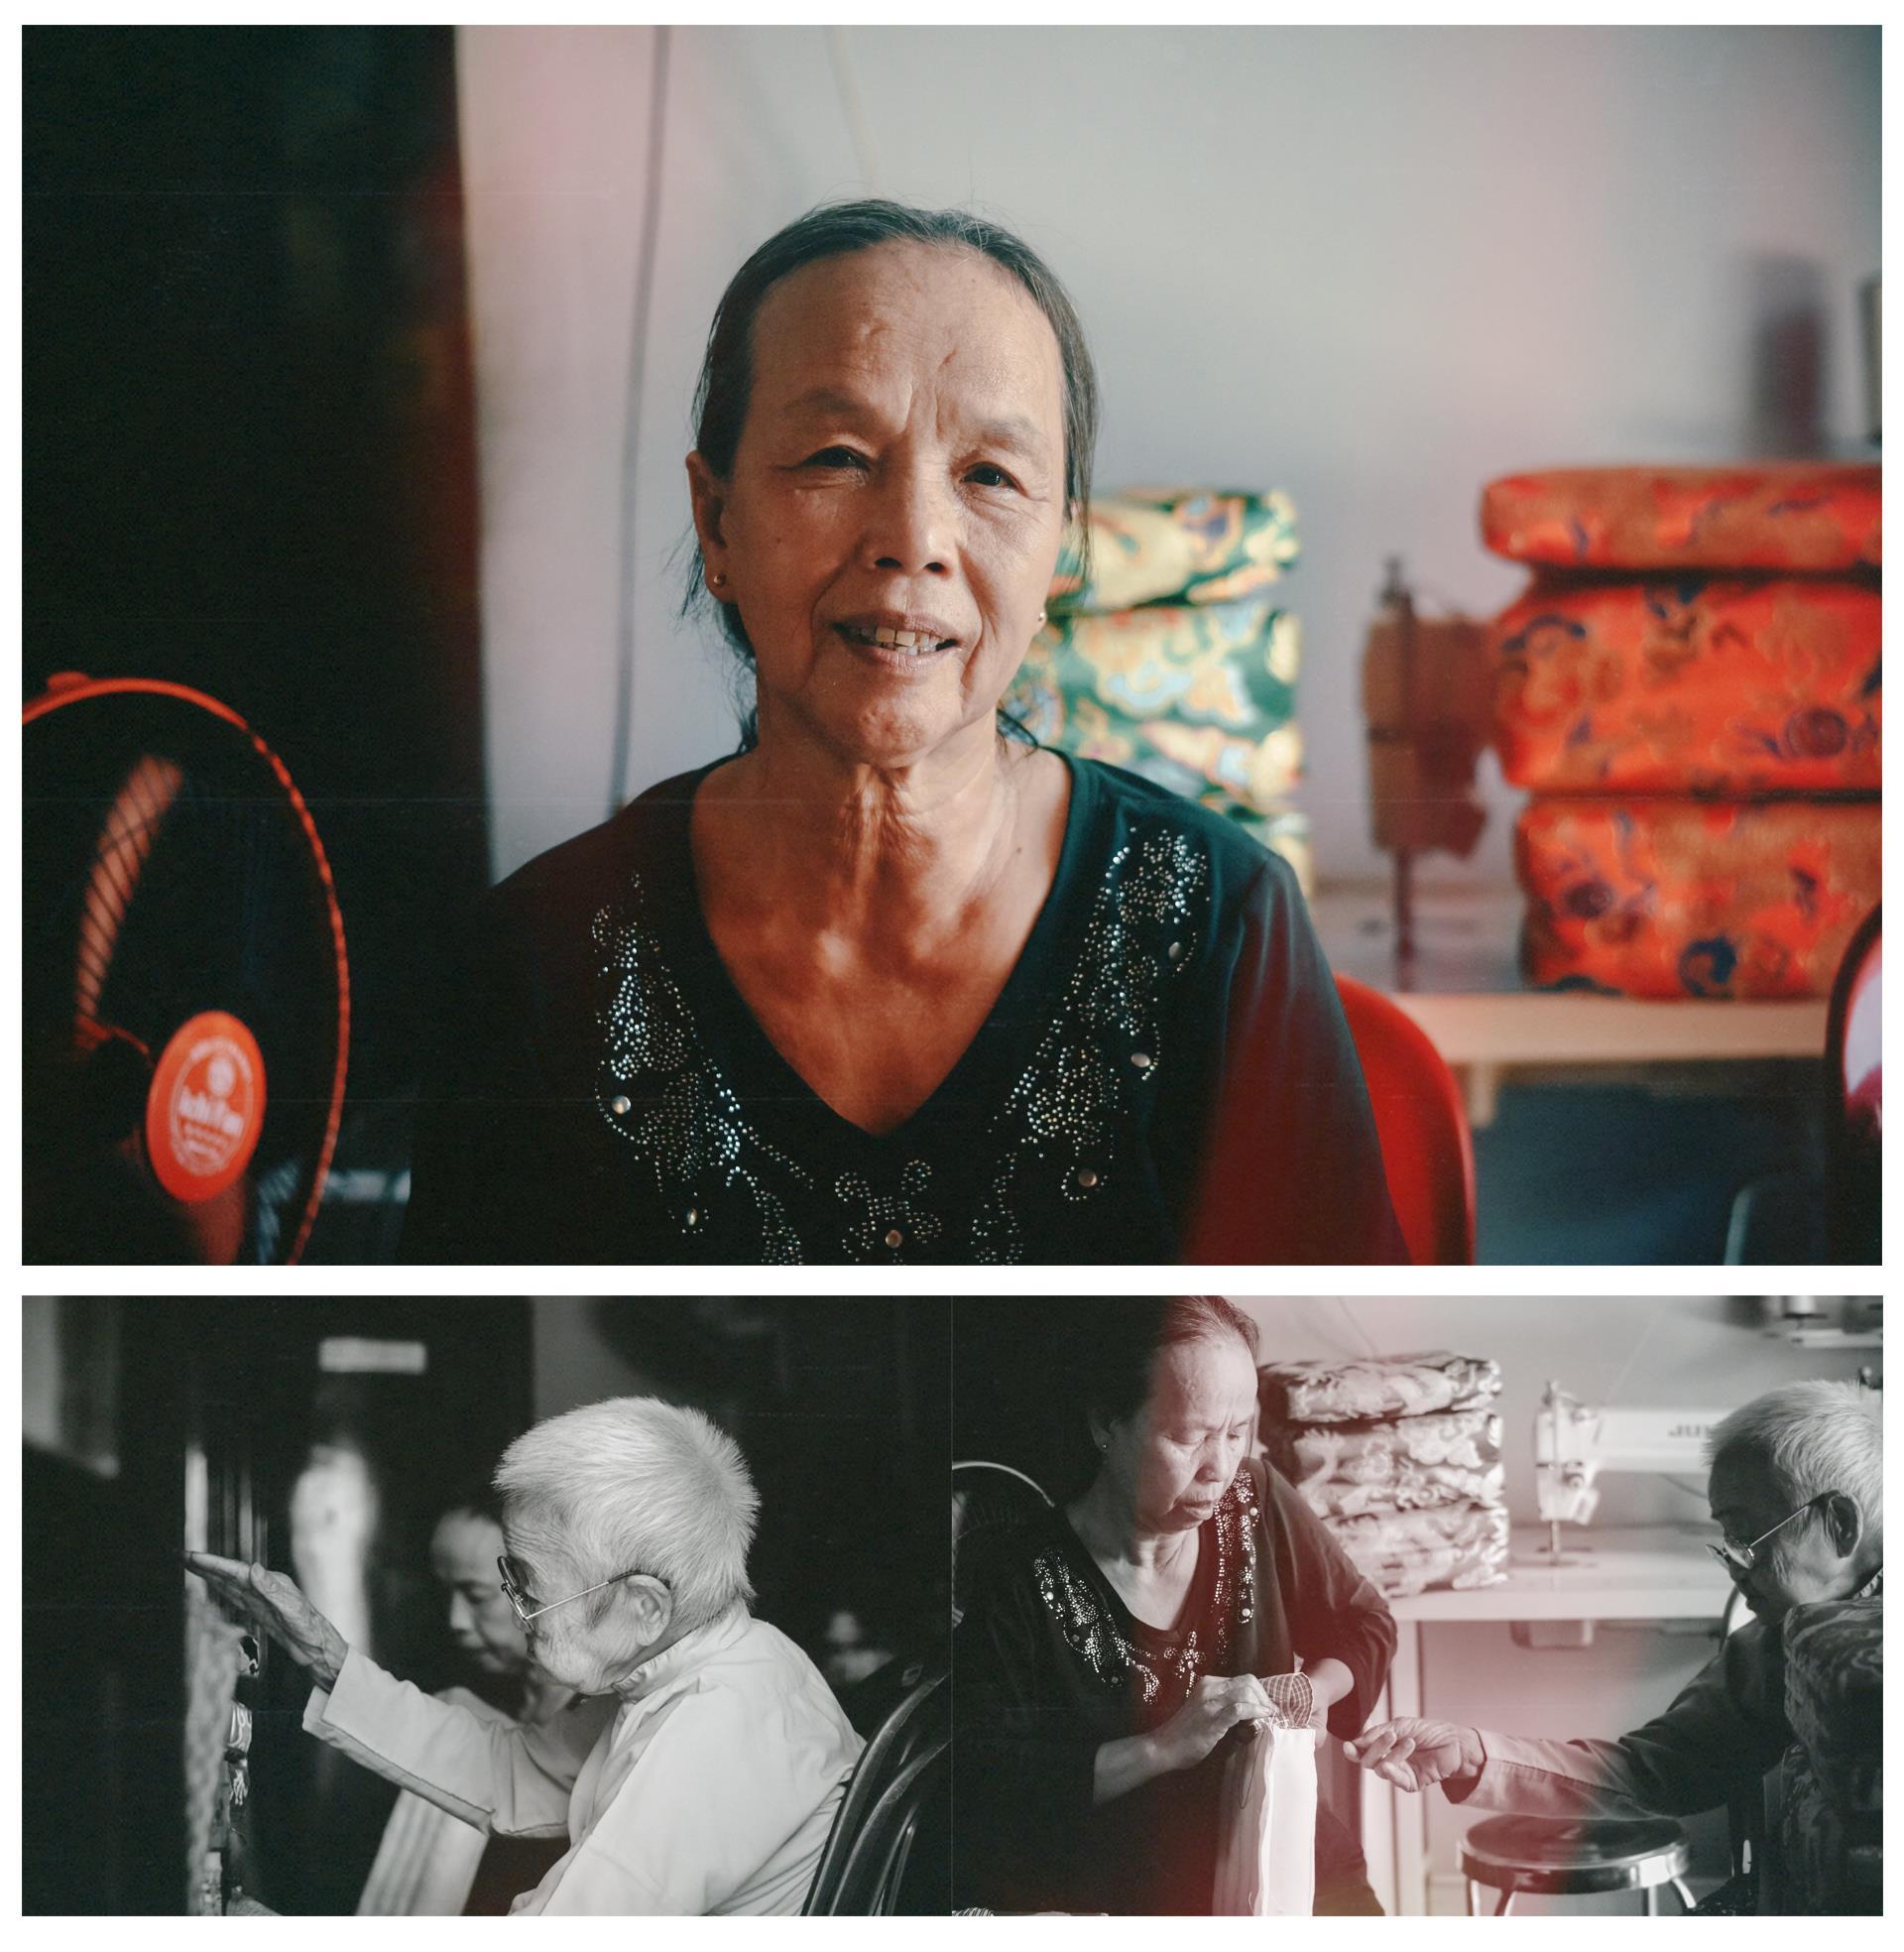 Cụ bà gần 100 năm lưu giữ nghề may gối cung đình Huế - ảnh 9